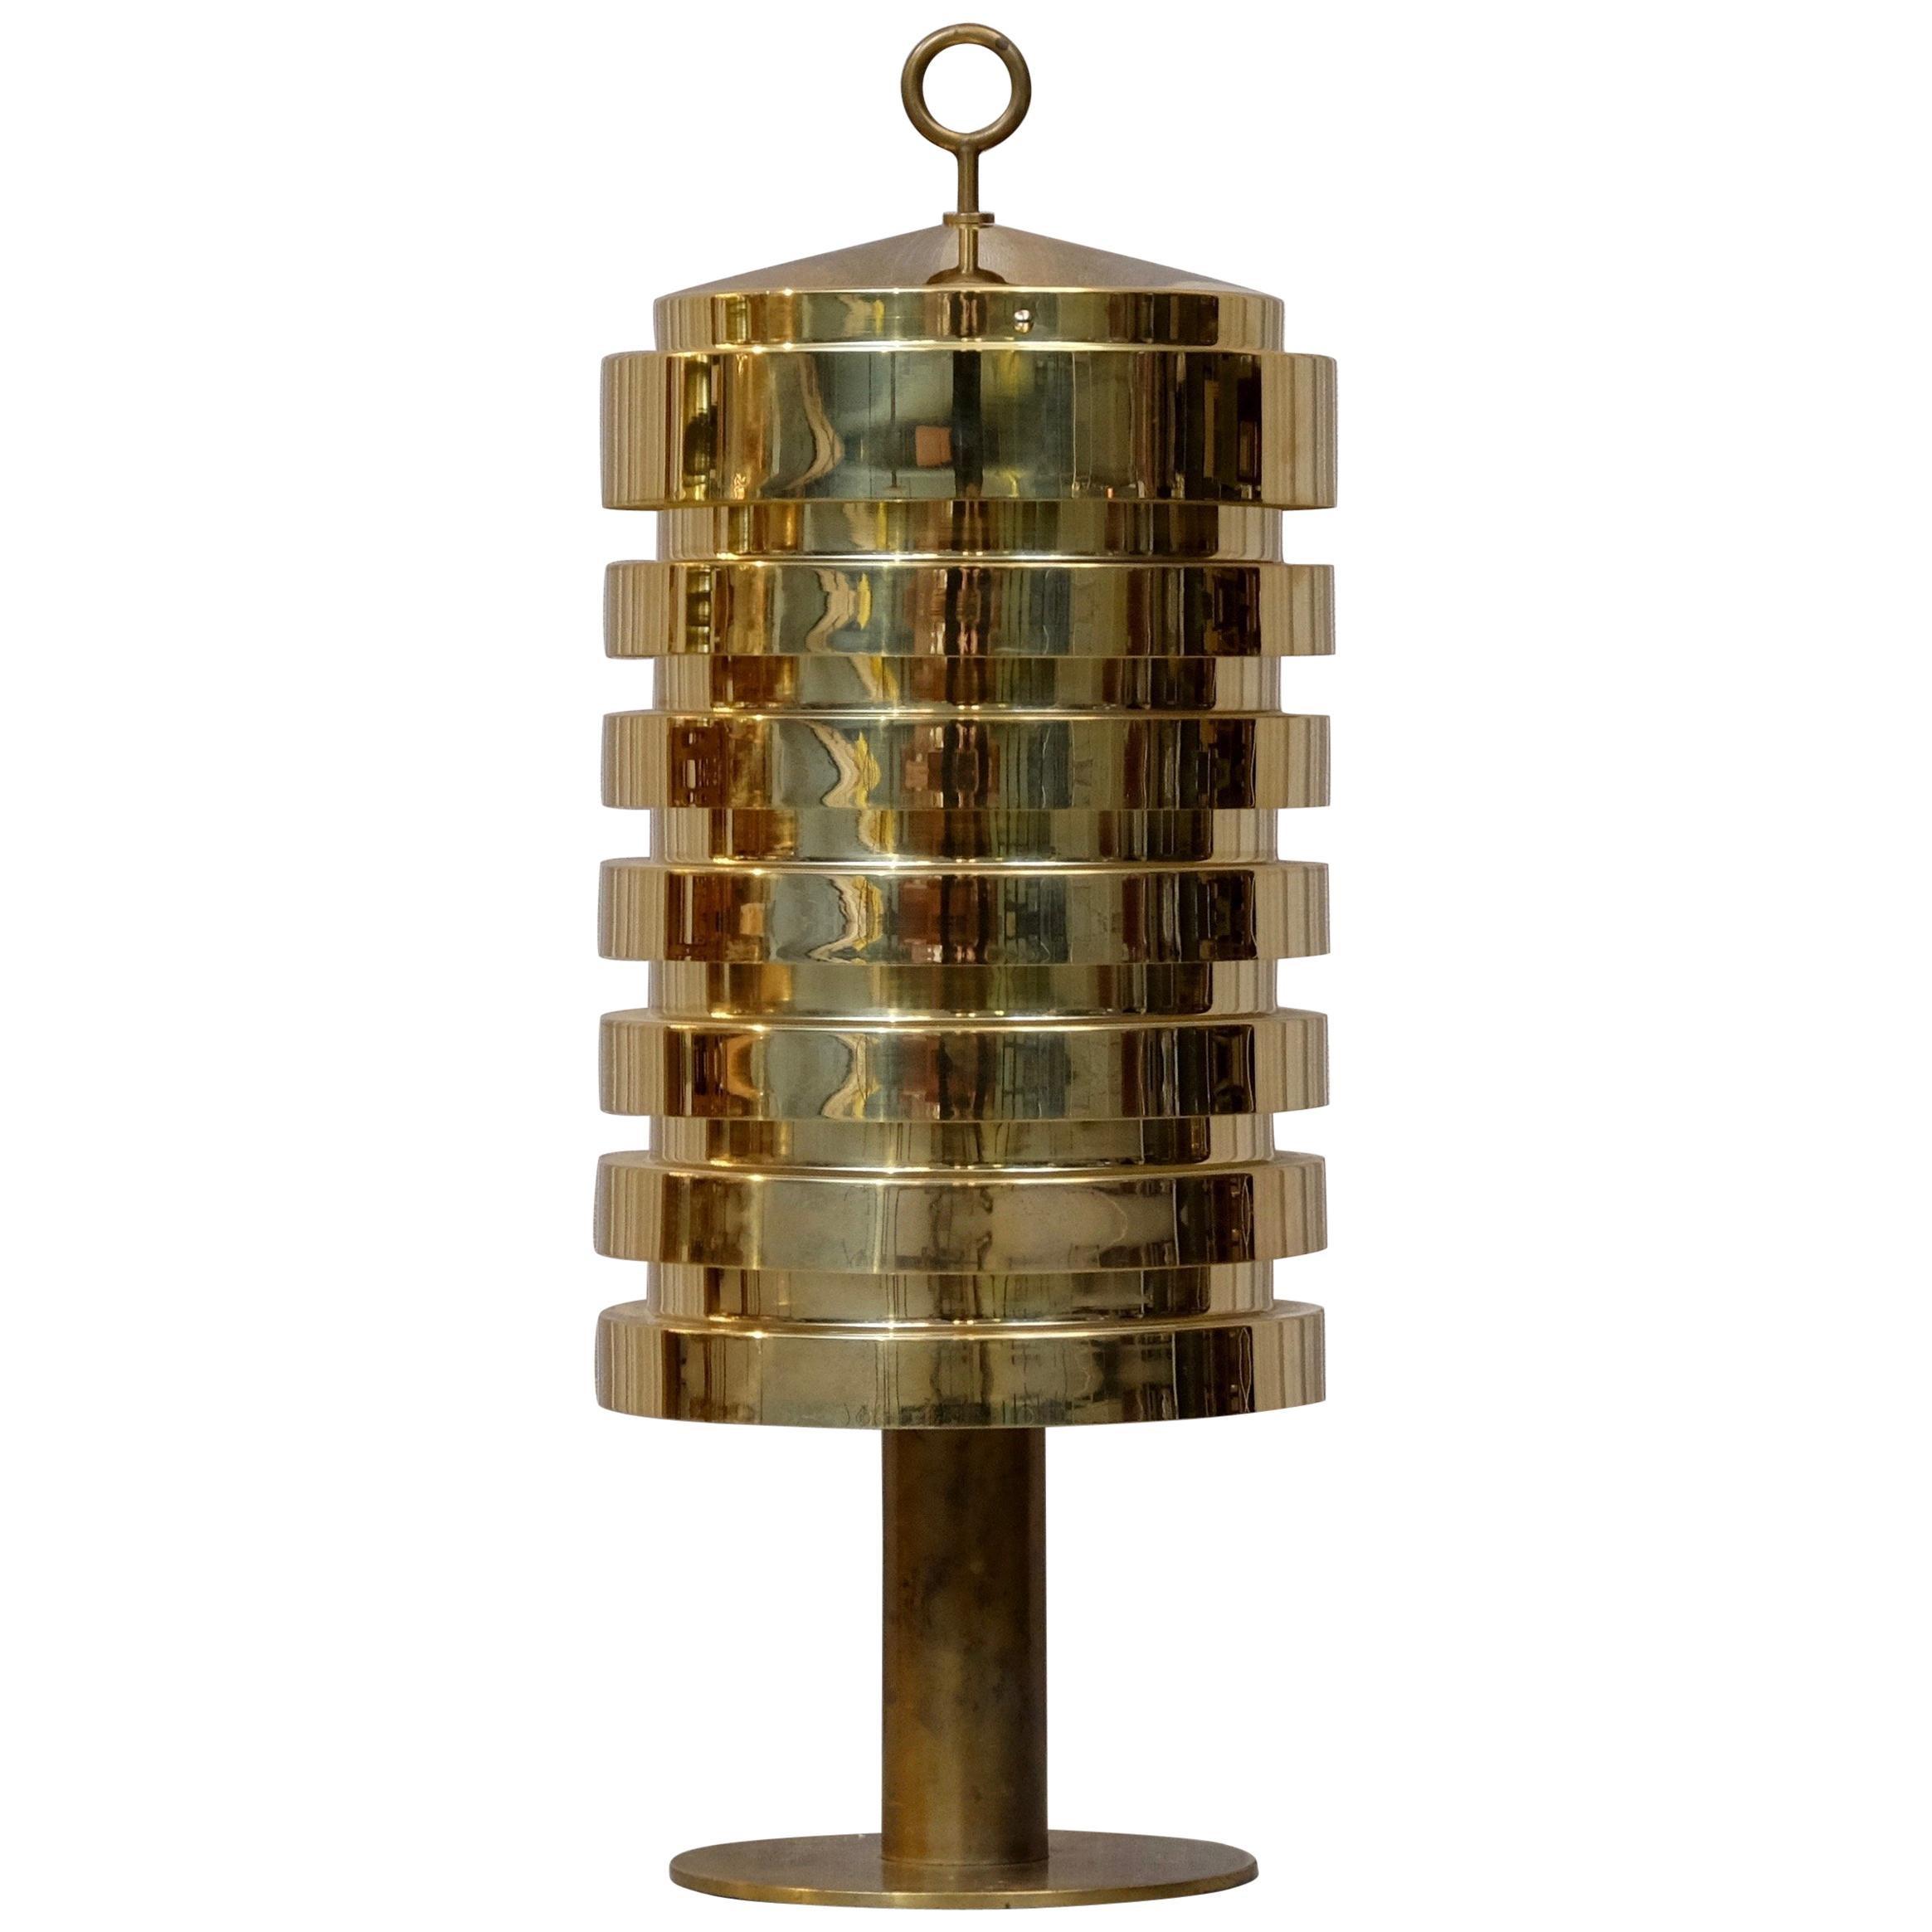 Rare Hans-Agne Jakobsson Table Lamp Model B-99, 1960s